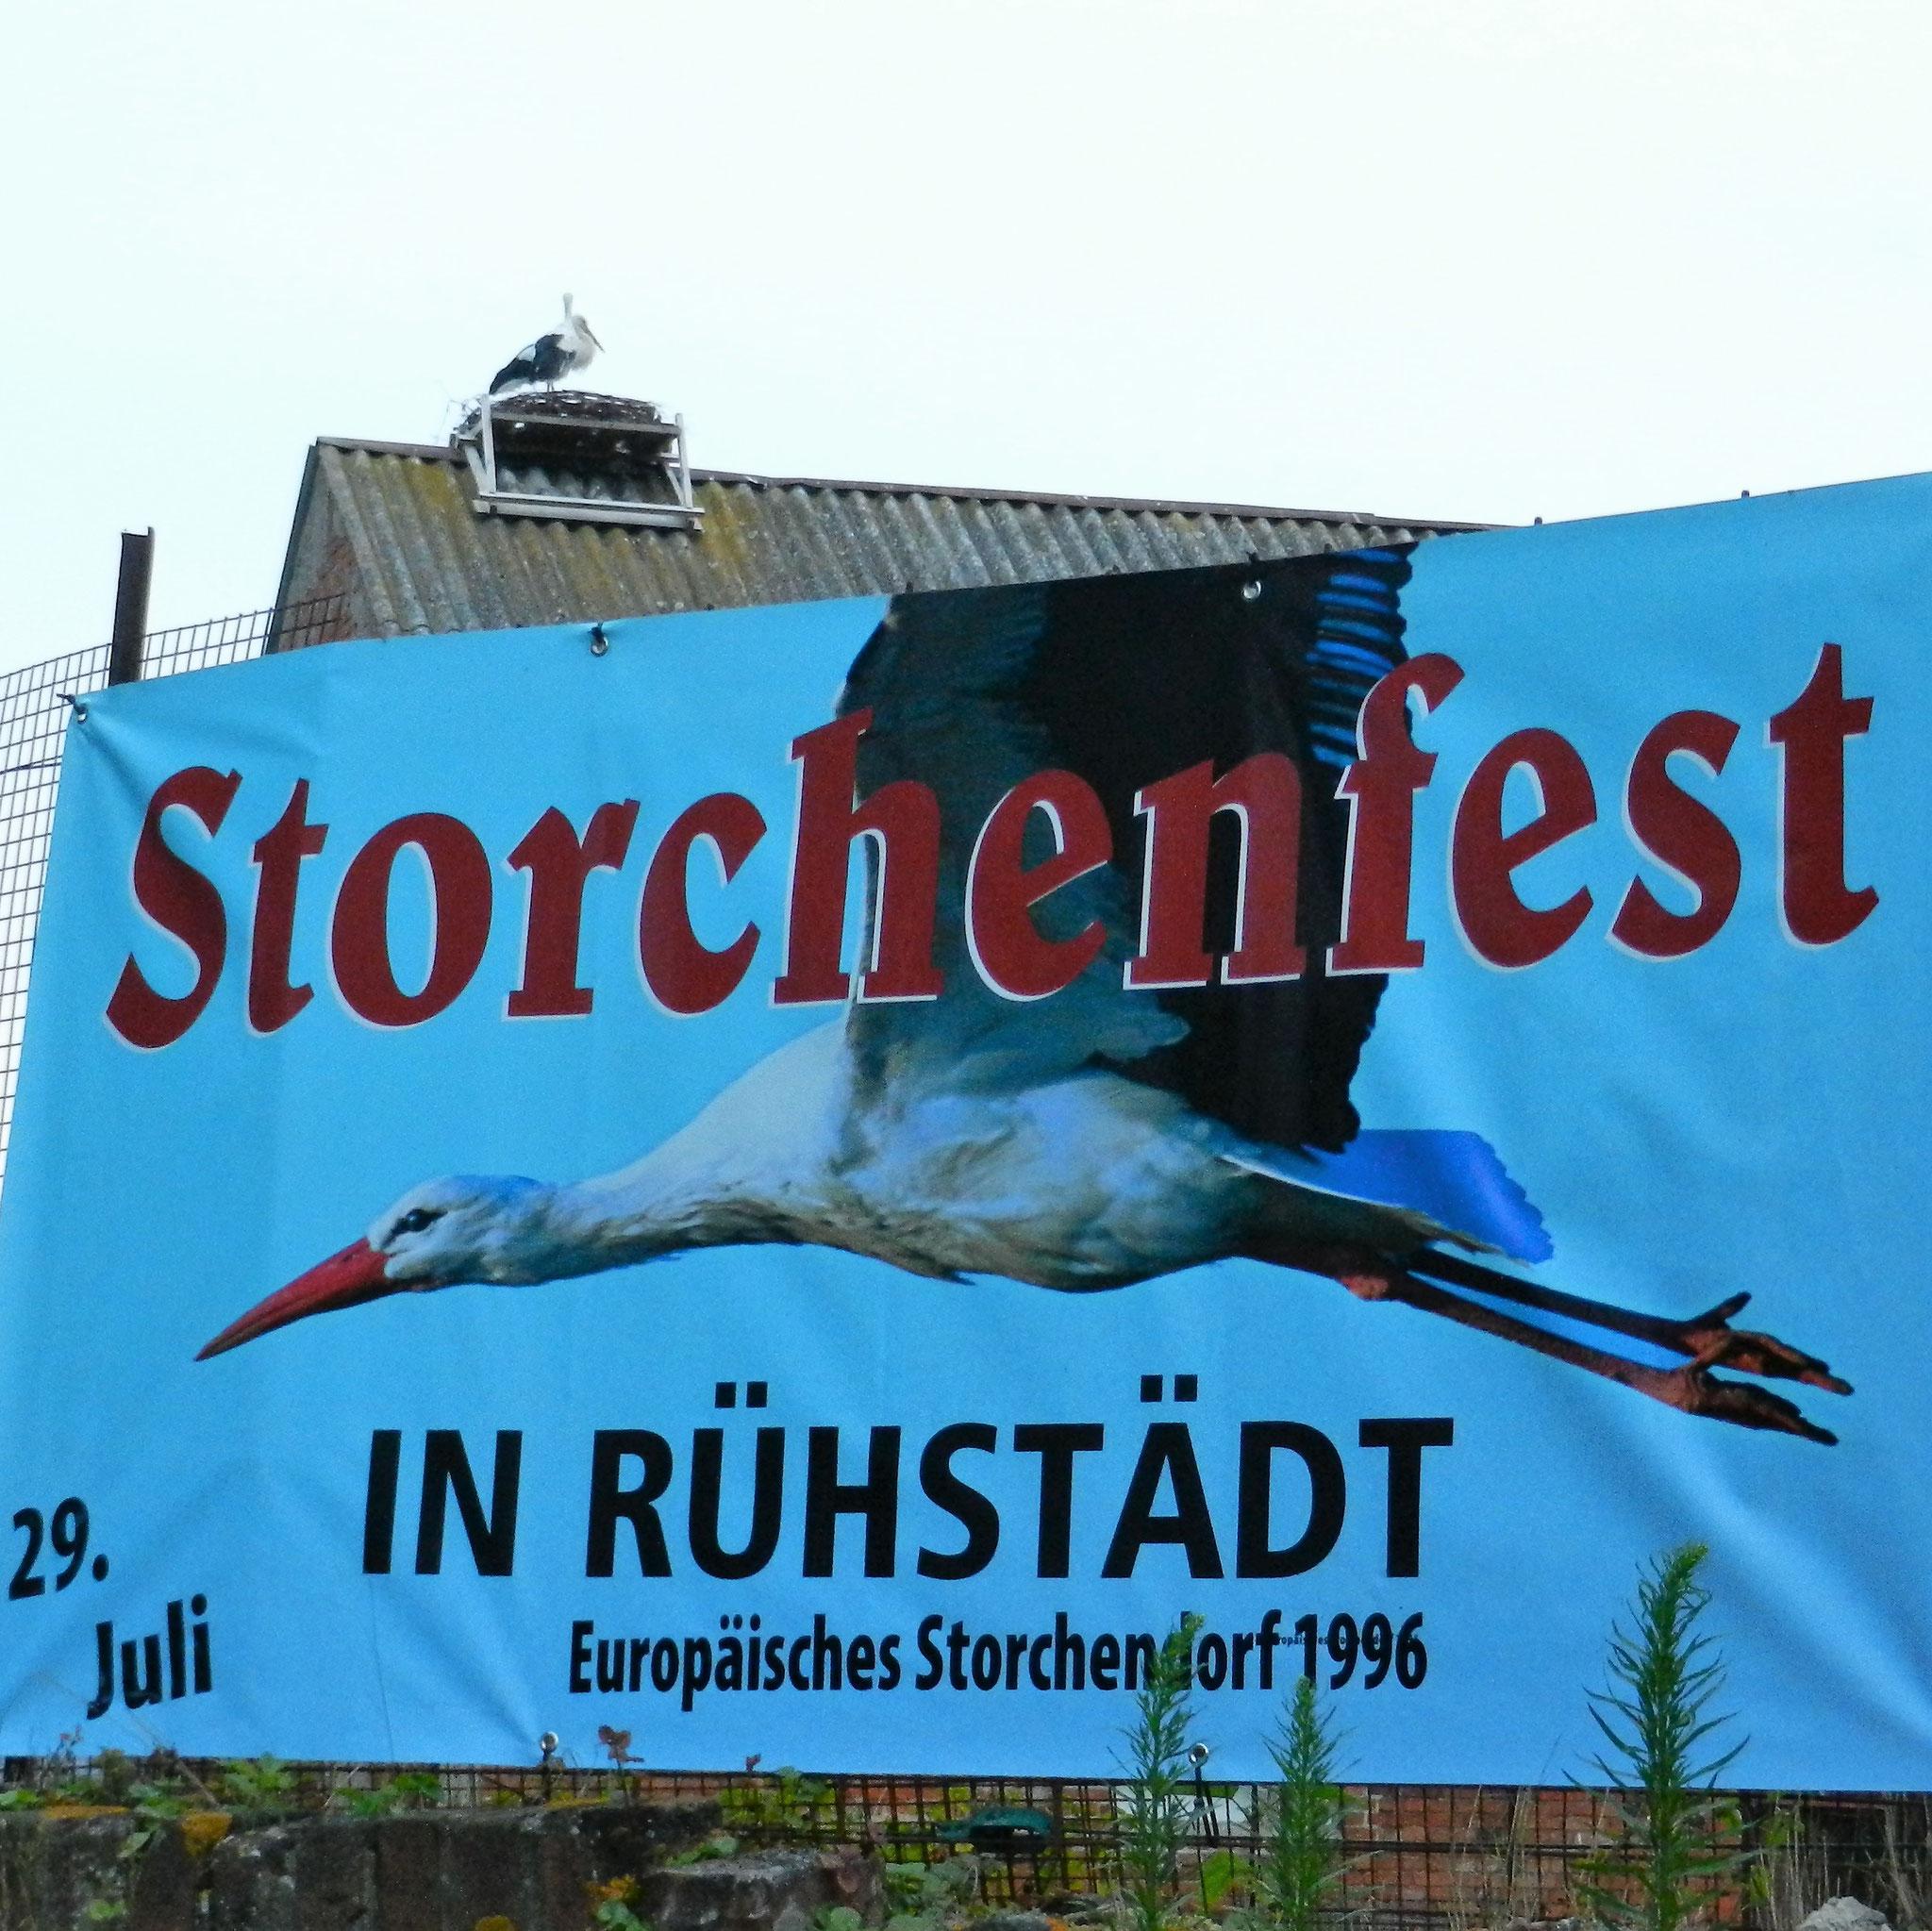 Das 31. Storchenfest steht vor der Tür